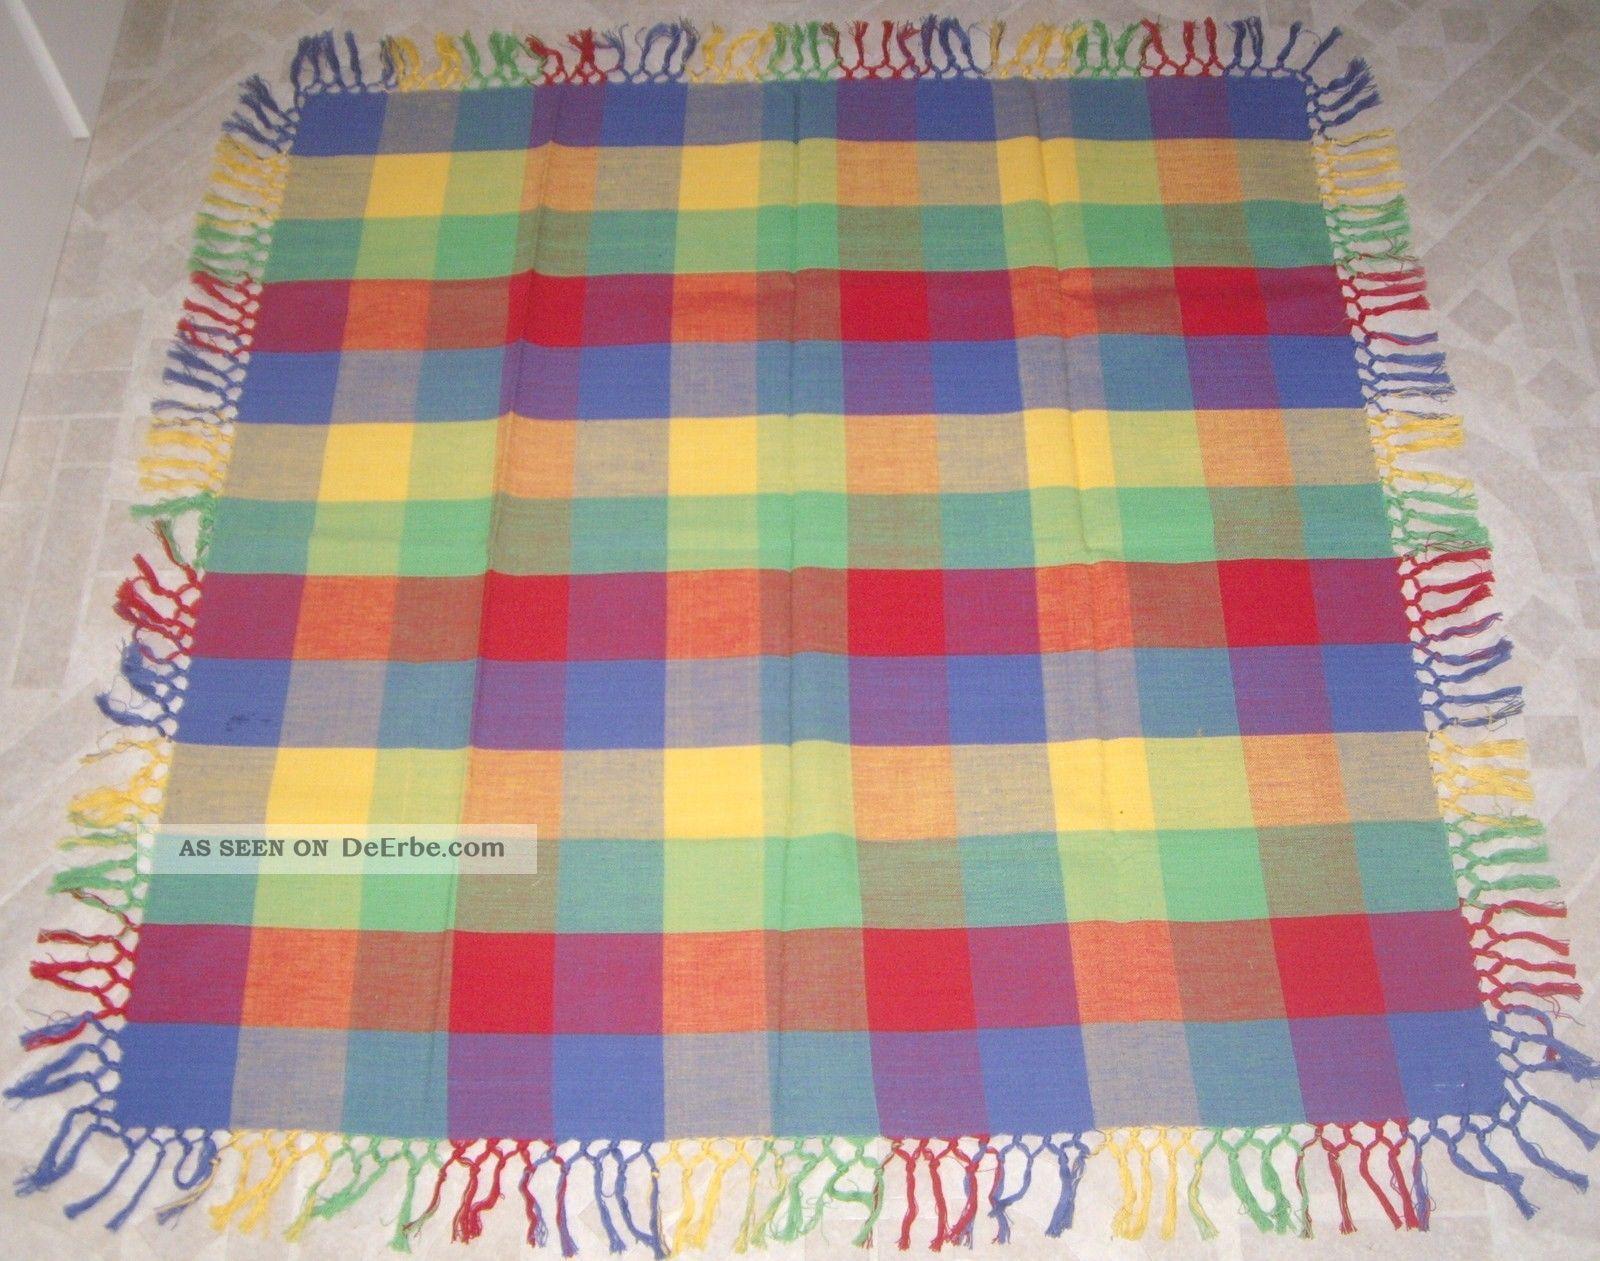 tischdecke ca 92 x 96 cm bunt farbig fransen kariert baumwolle 1 x aufgelegt. Black Bedroom Furniture Sets. Home Design Ideas